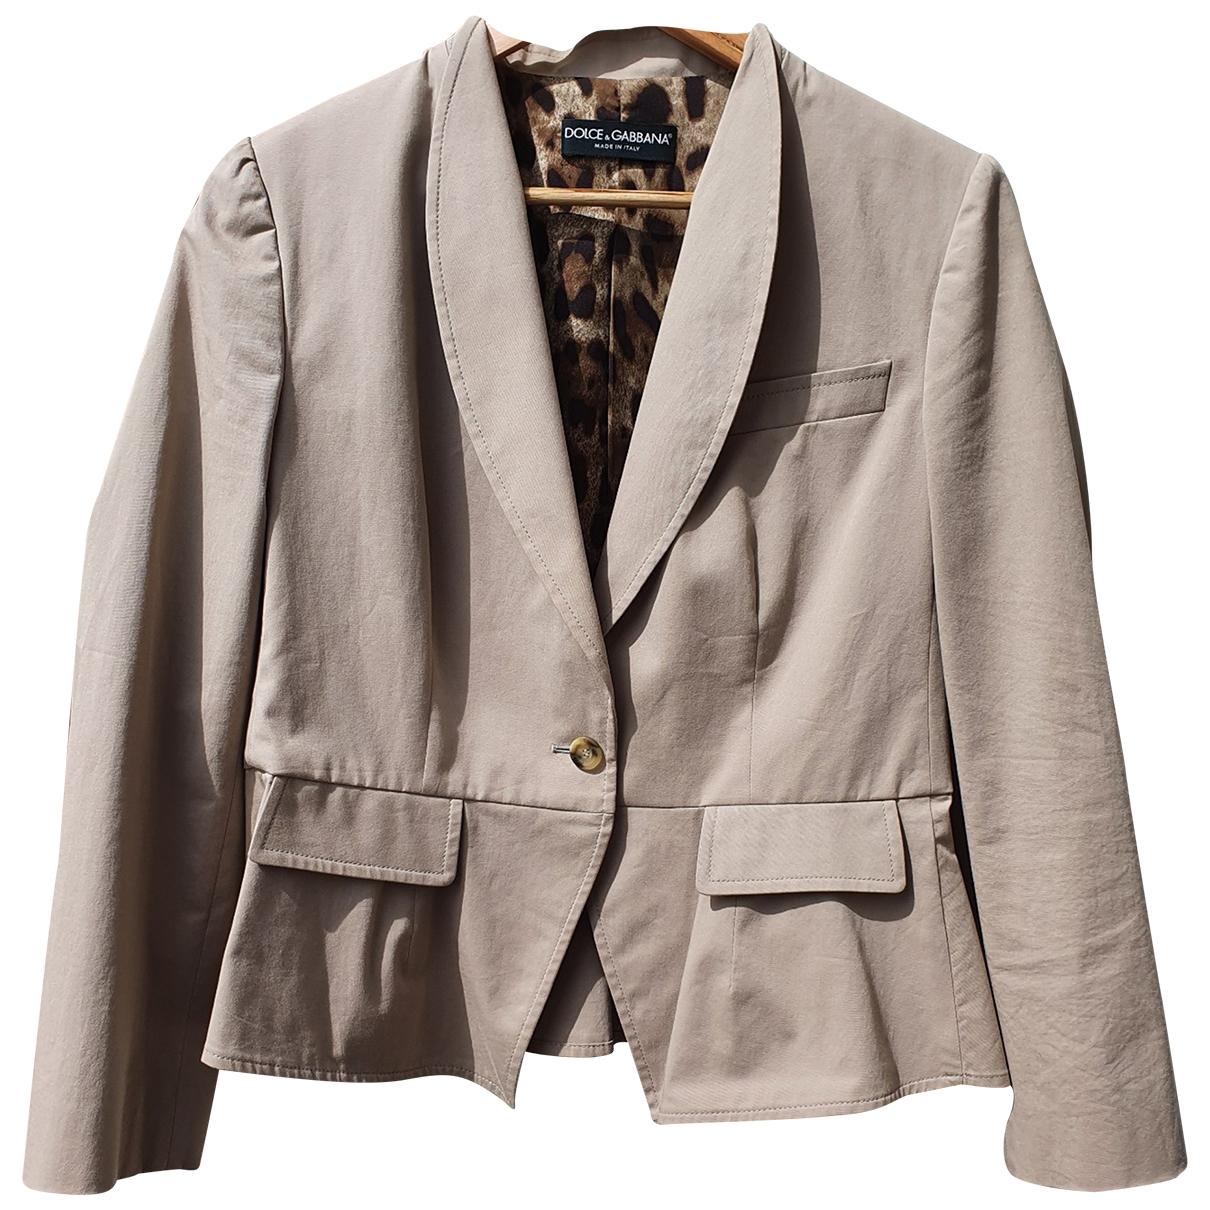 Dolce & Gabbana \N Beige Cotton jacket for Women 46 IT